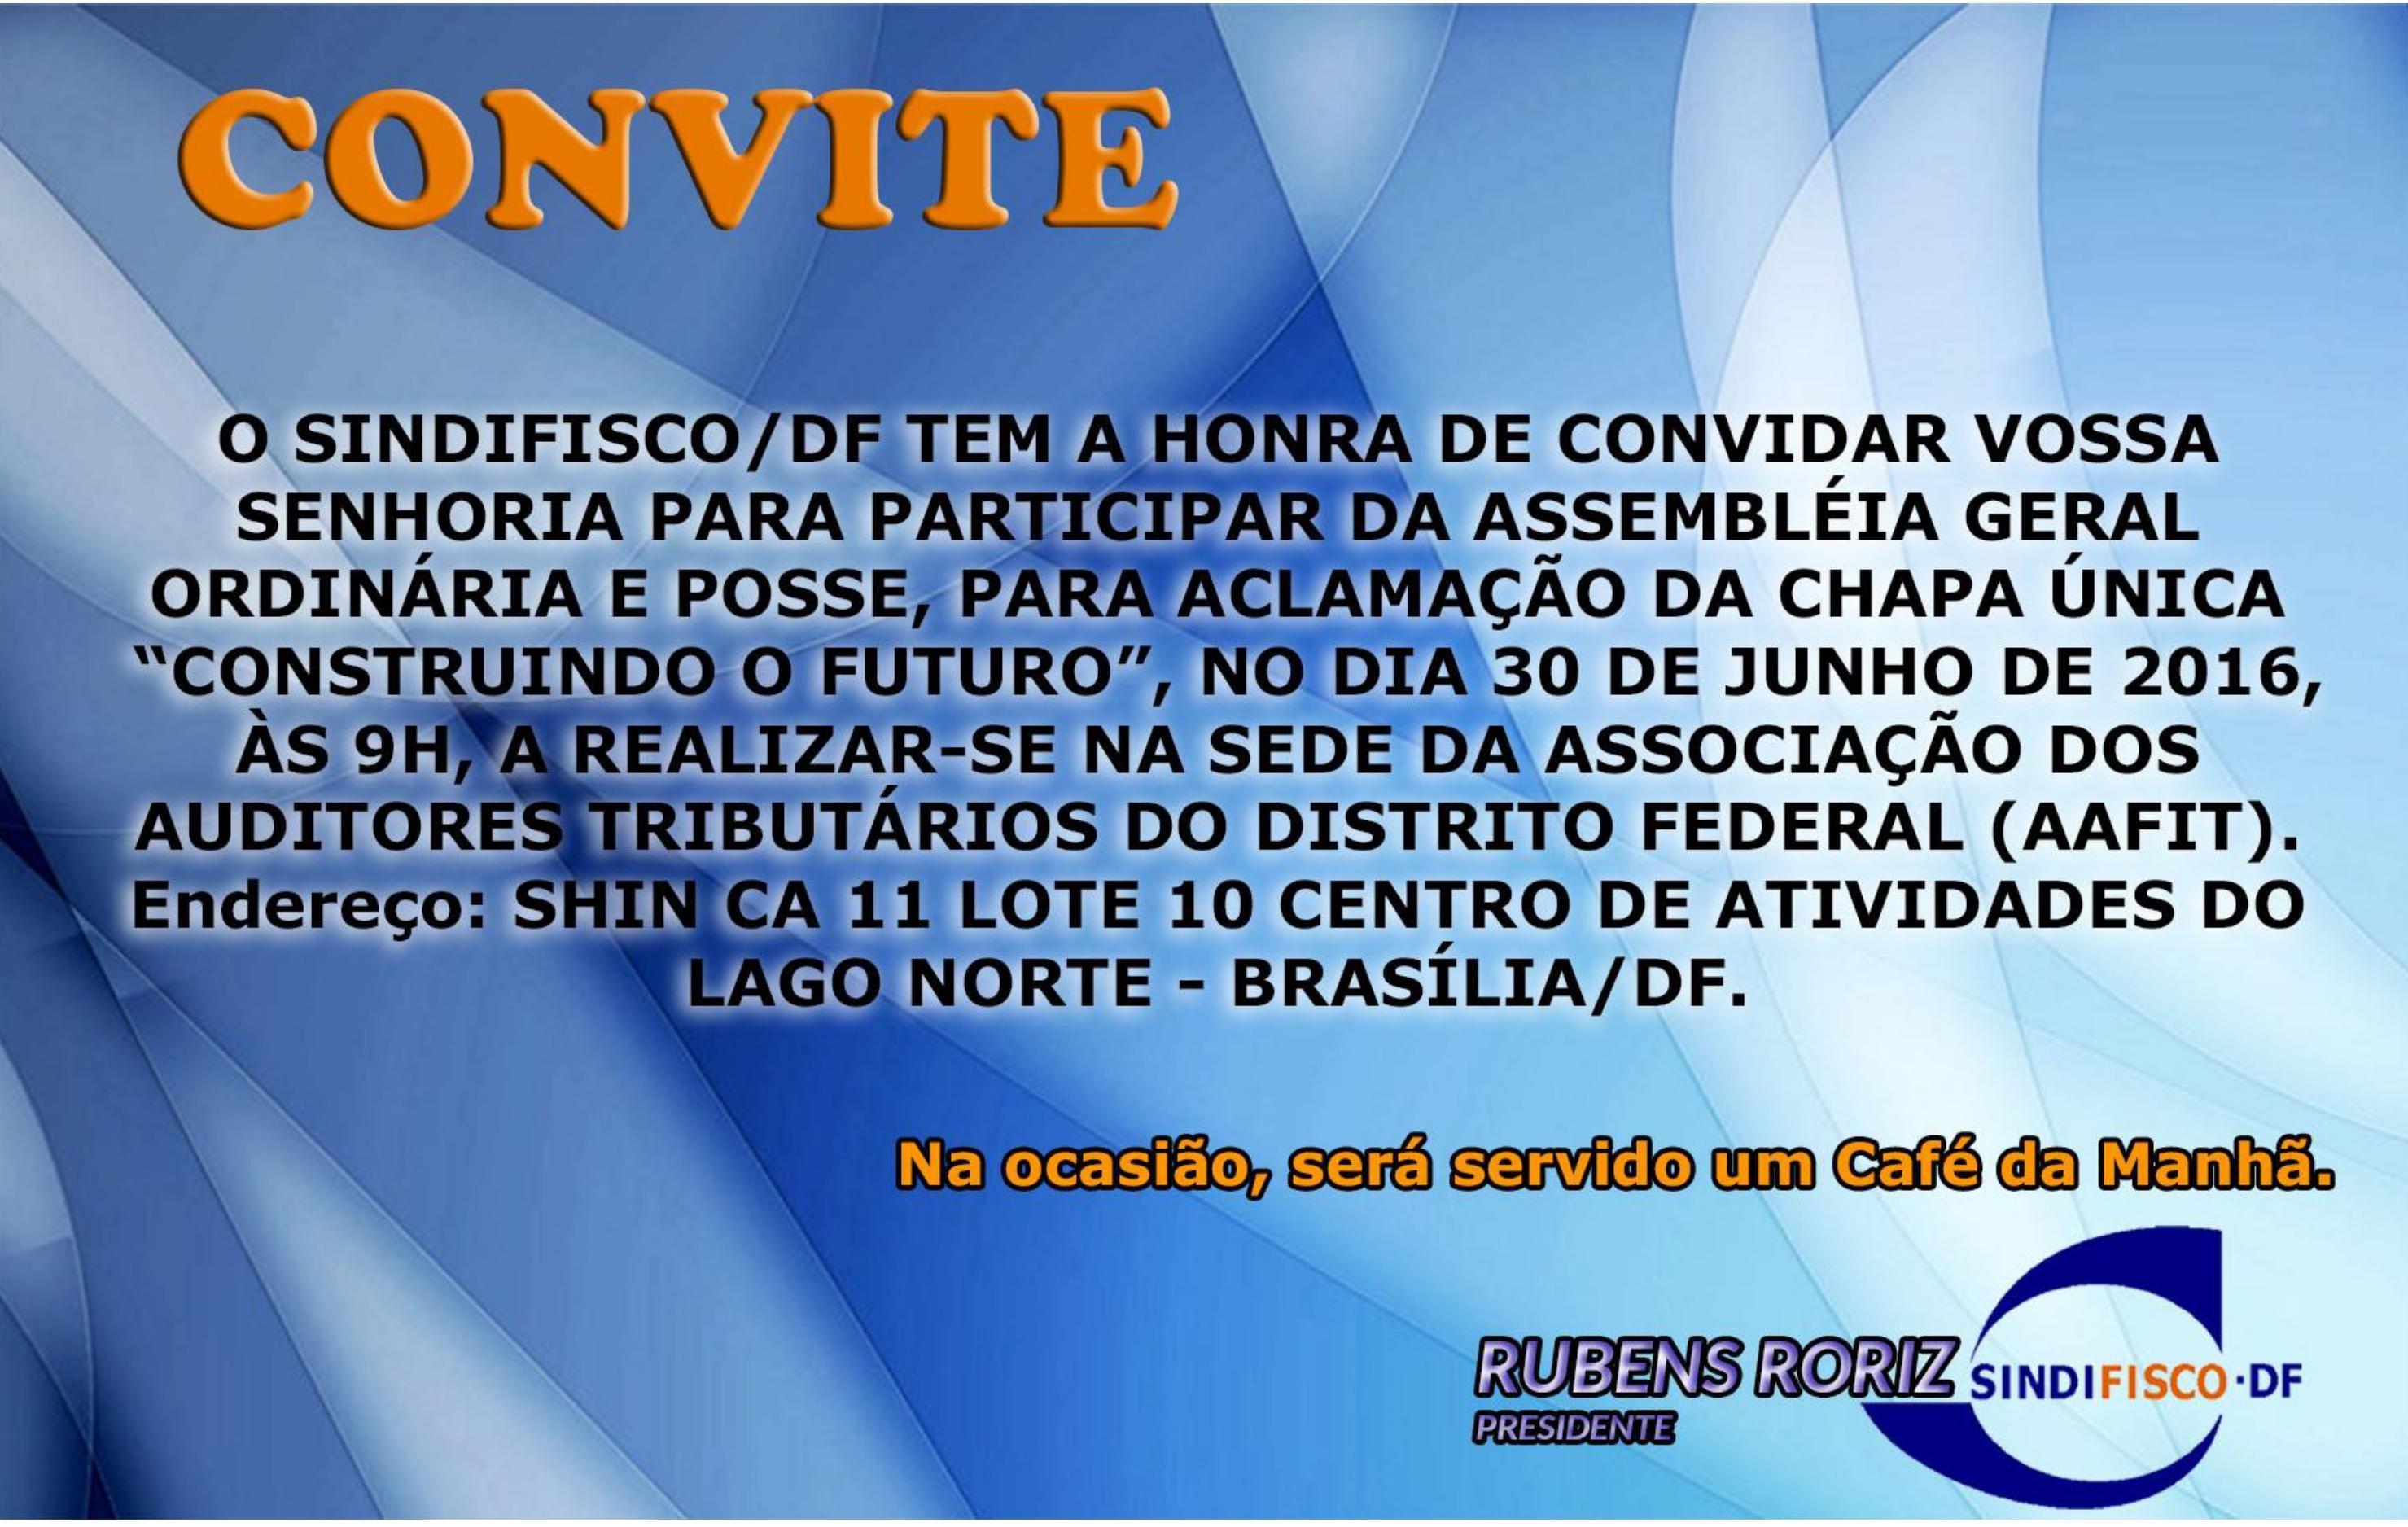 CONVITE: Assembléia Geral Ordinária e Posse do SINDIFISCO/DF